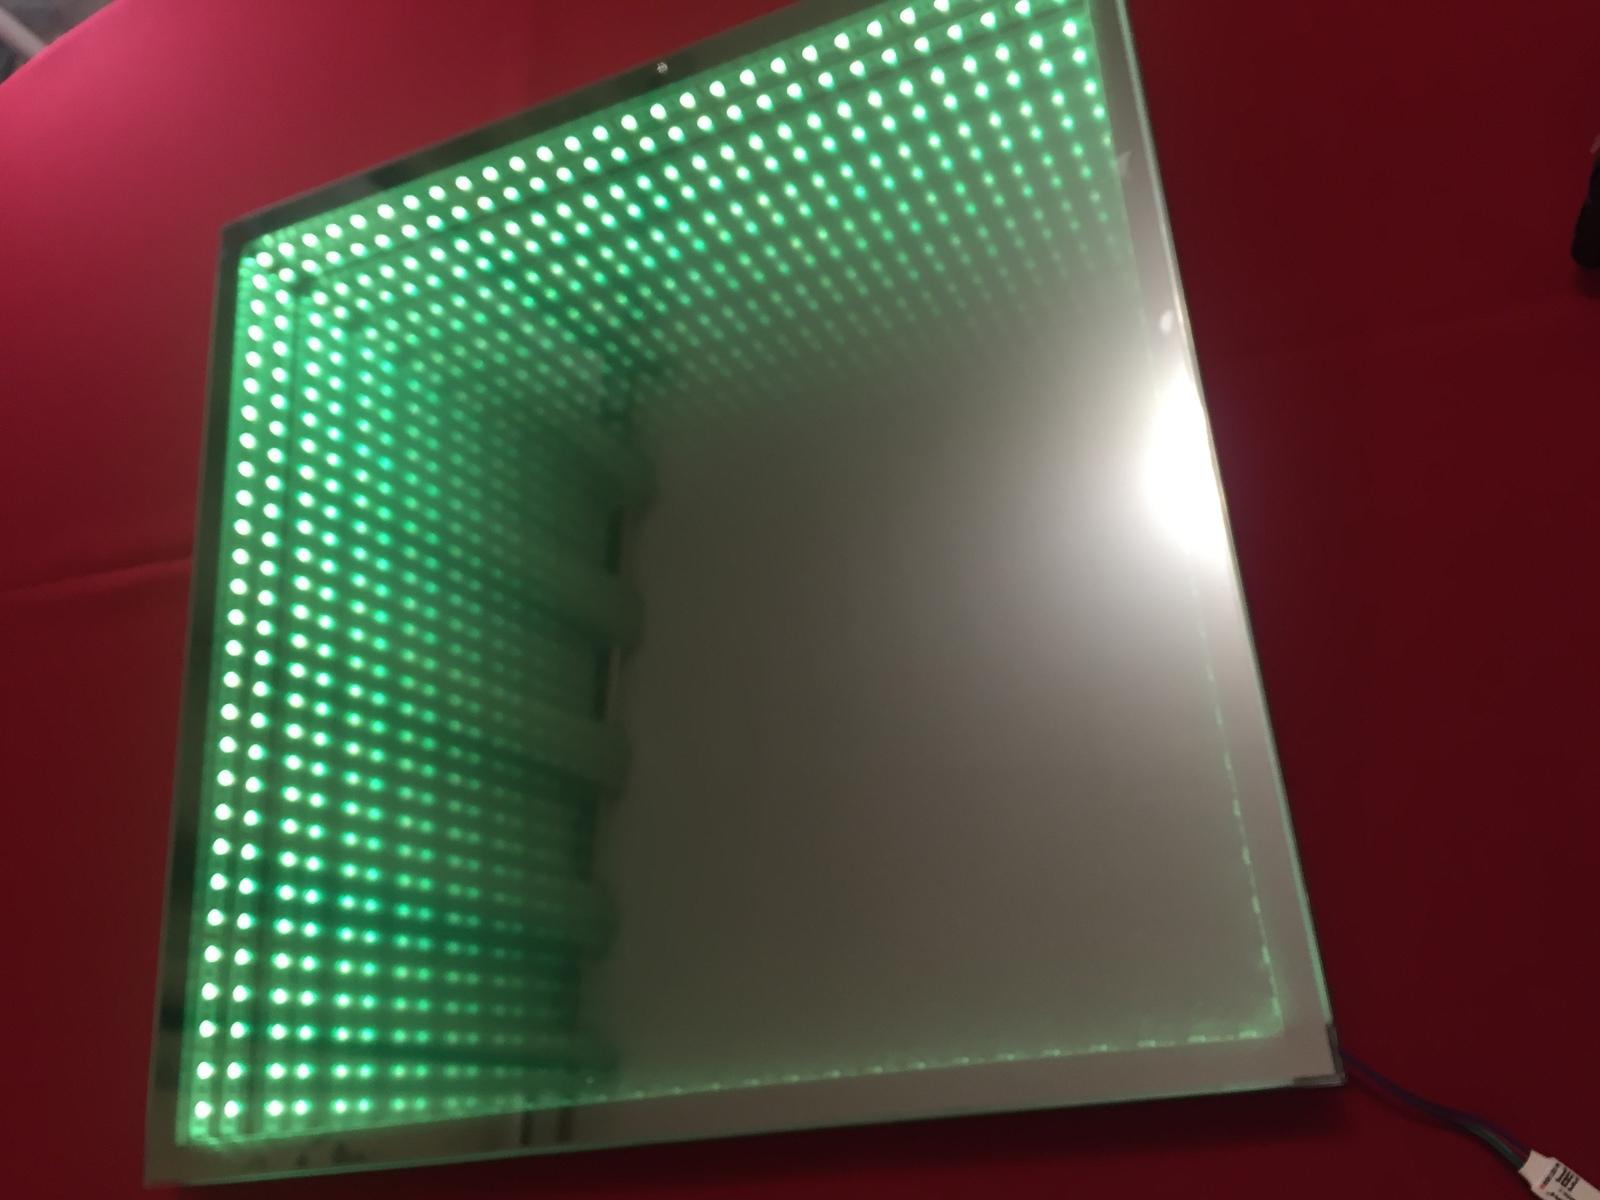 Как сделать зеркало с эффектом бесконечности зеркала, стекла, стекло, профиля, ленту, части, профиль, стороны, сделано, контроллером, можно, зеркало, случае, контуру, прижимаем, пленку, строительном, верхней, магазине, далее